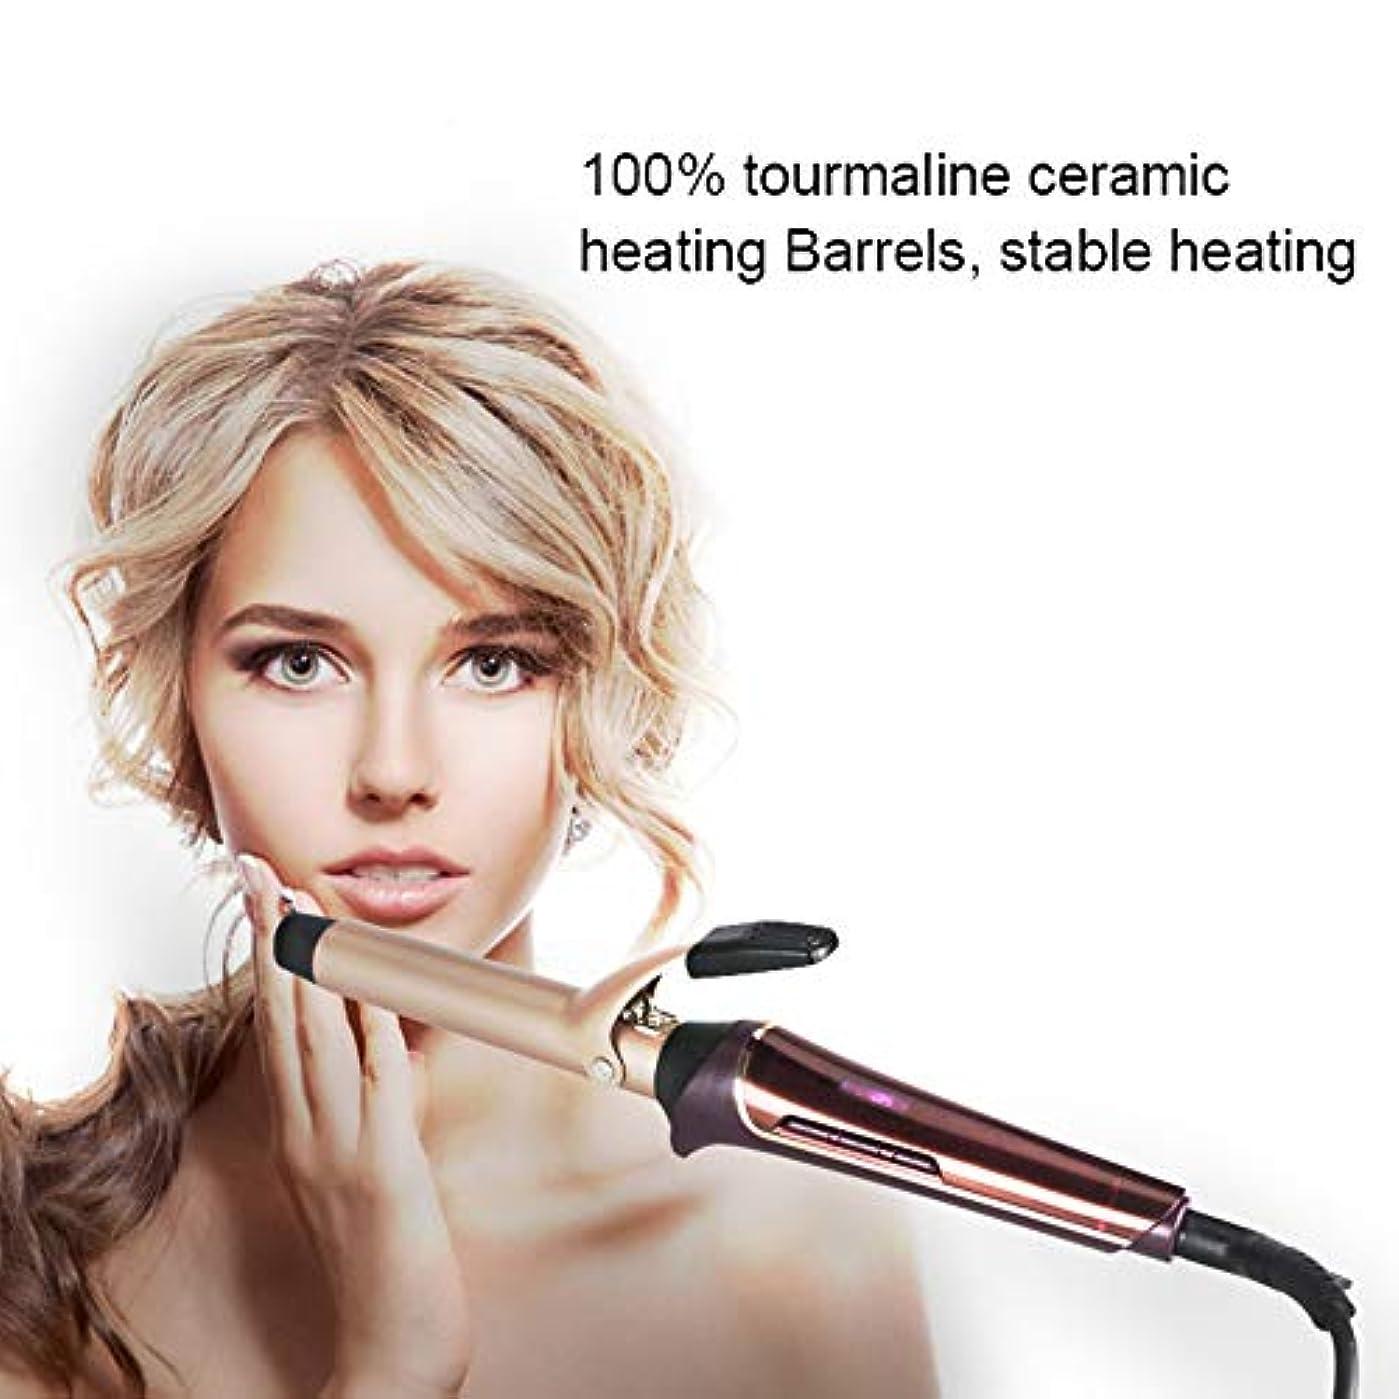 うがいプランテーションモンゴメリーヘアカーラー - 25mm コテ カール マイナスイオン 温度LCD表示 プロ仕様 80℃~210℃ ル用すべての髪